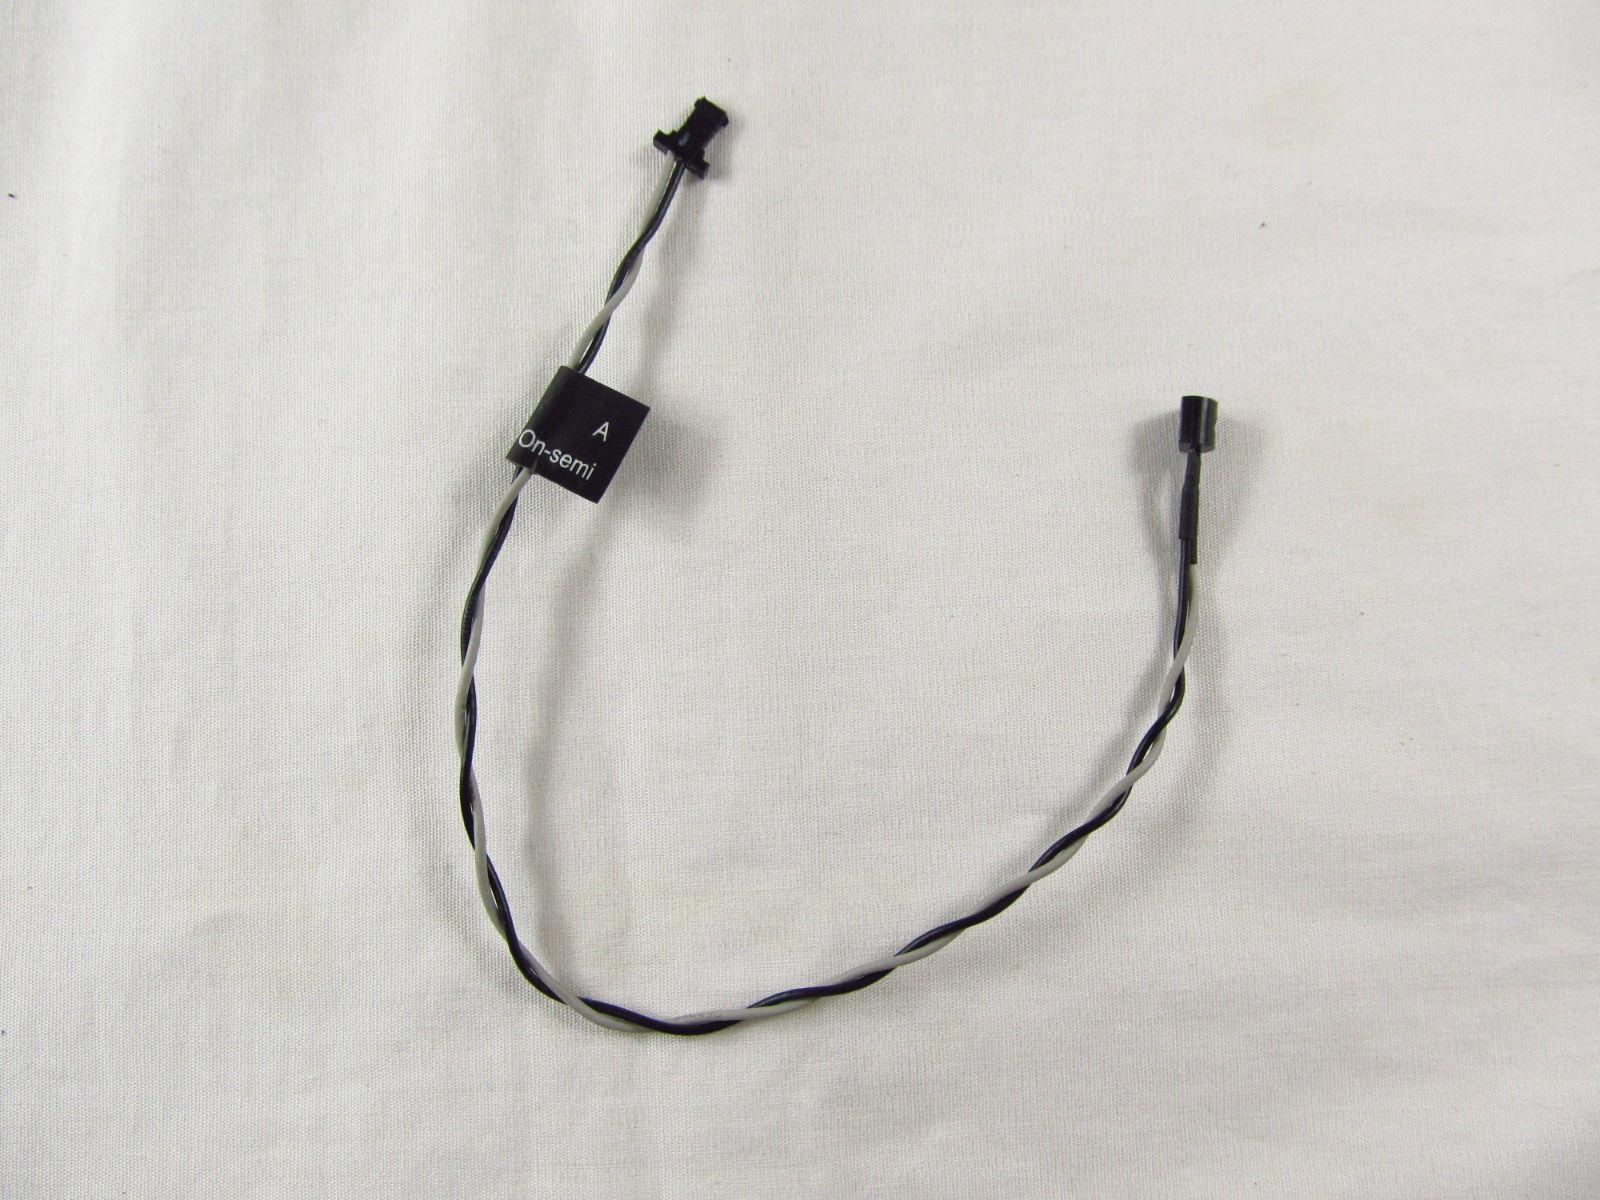 SSD Temperature Sensor imac